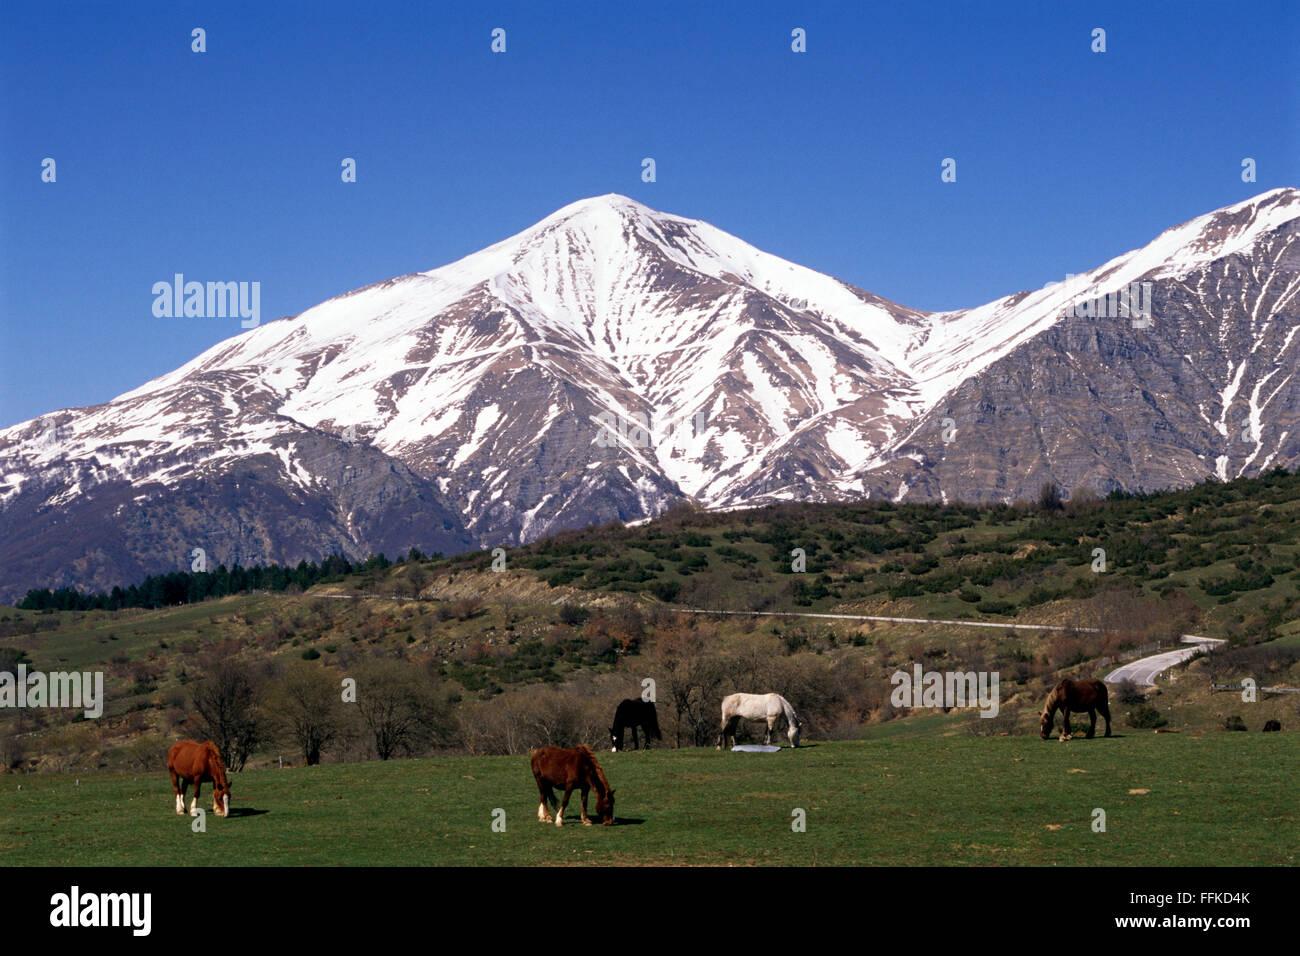 italy, abruzzo, gran sasso e monti della laga national park, monti della laga Stock Photo